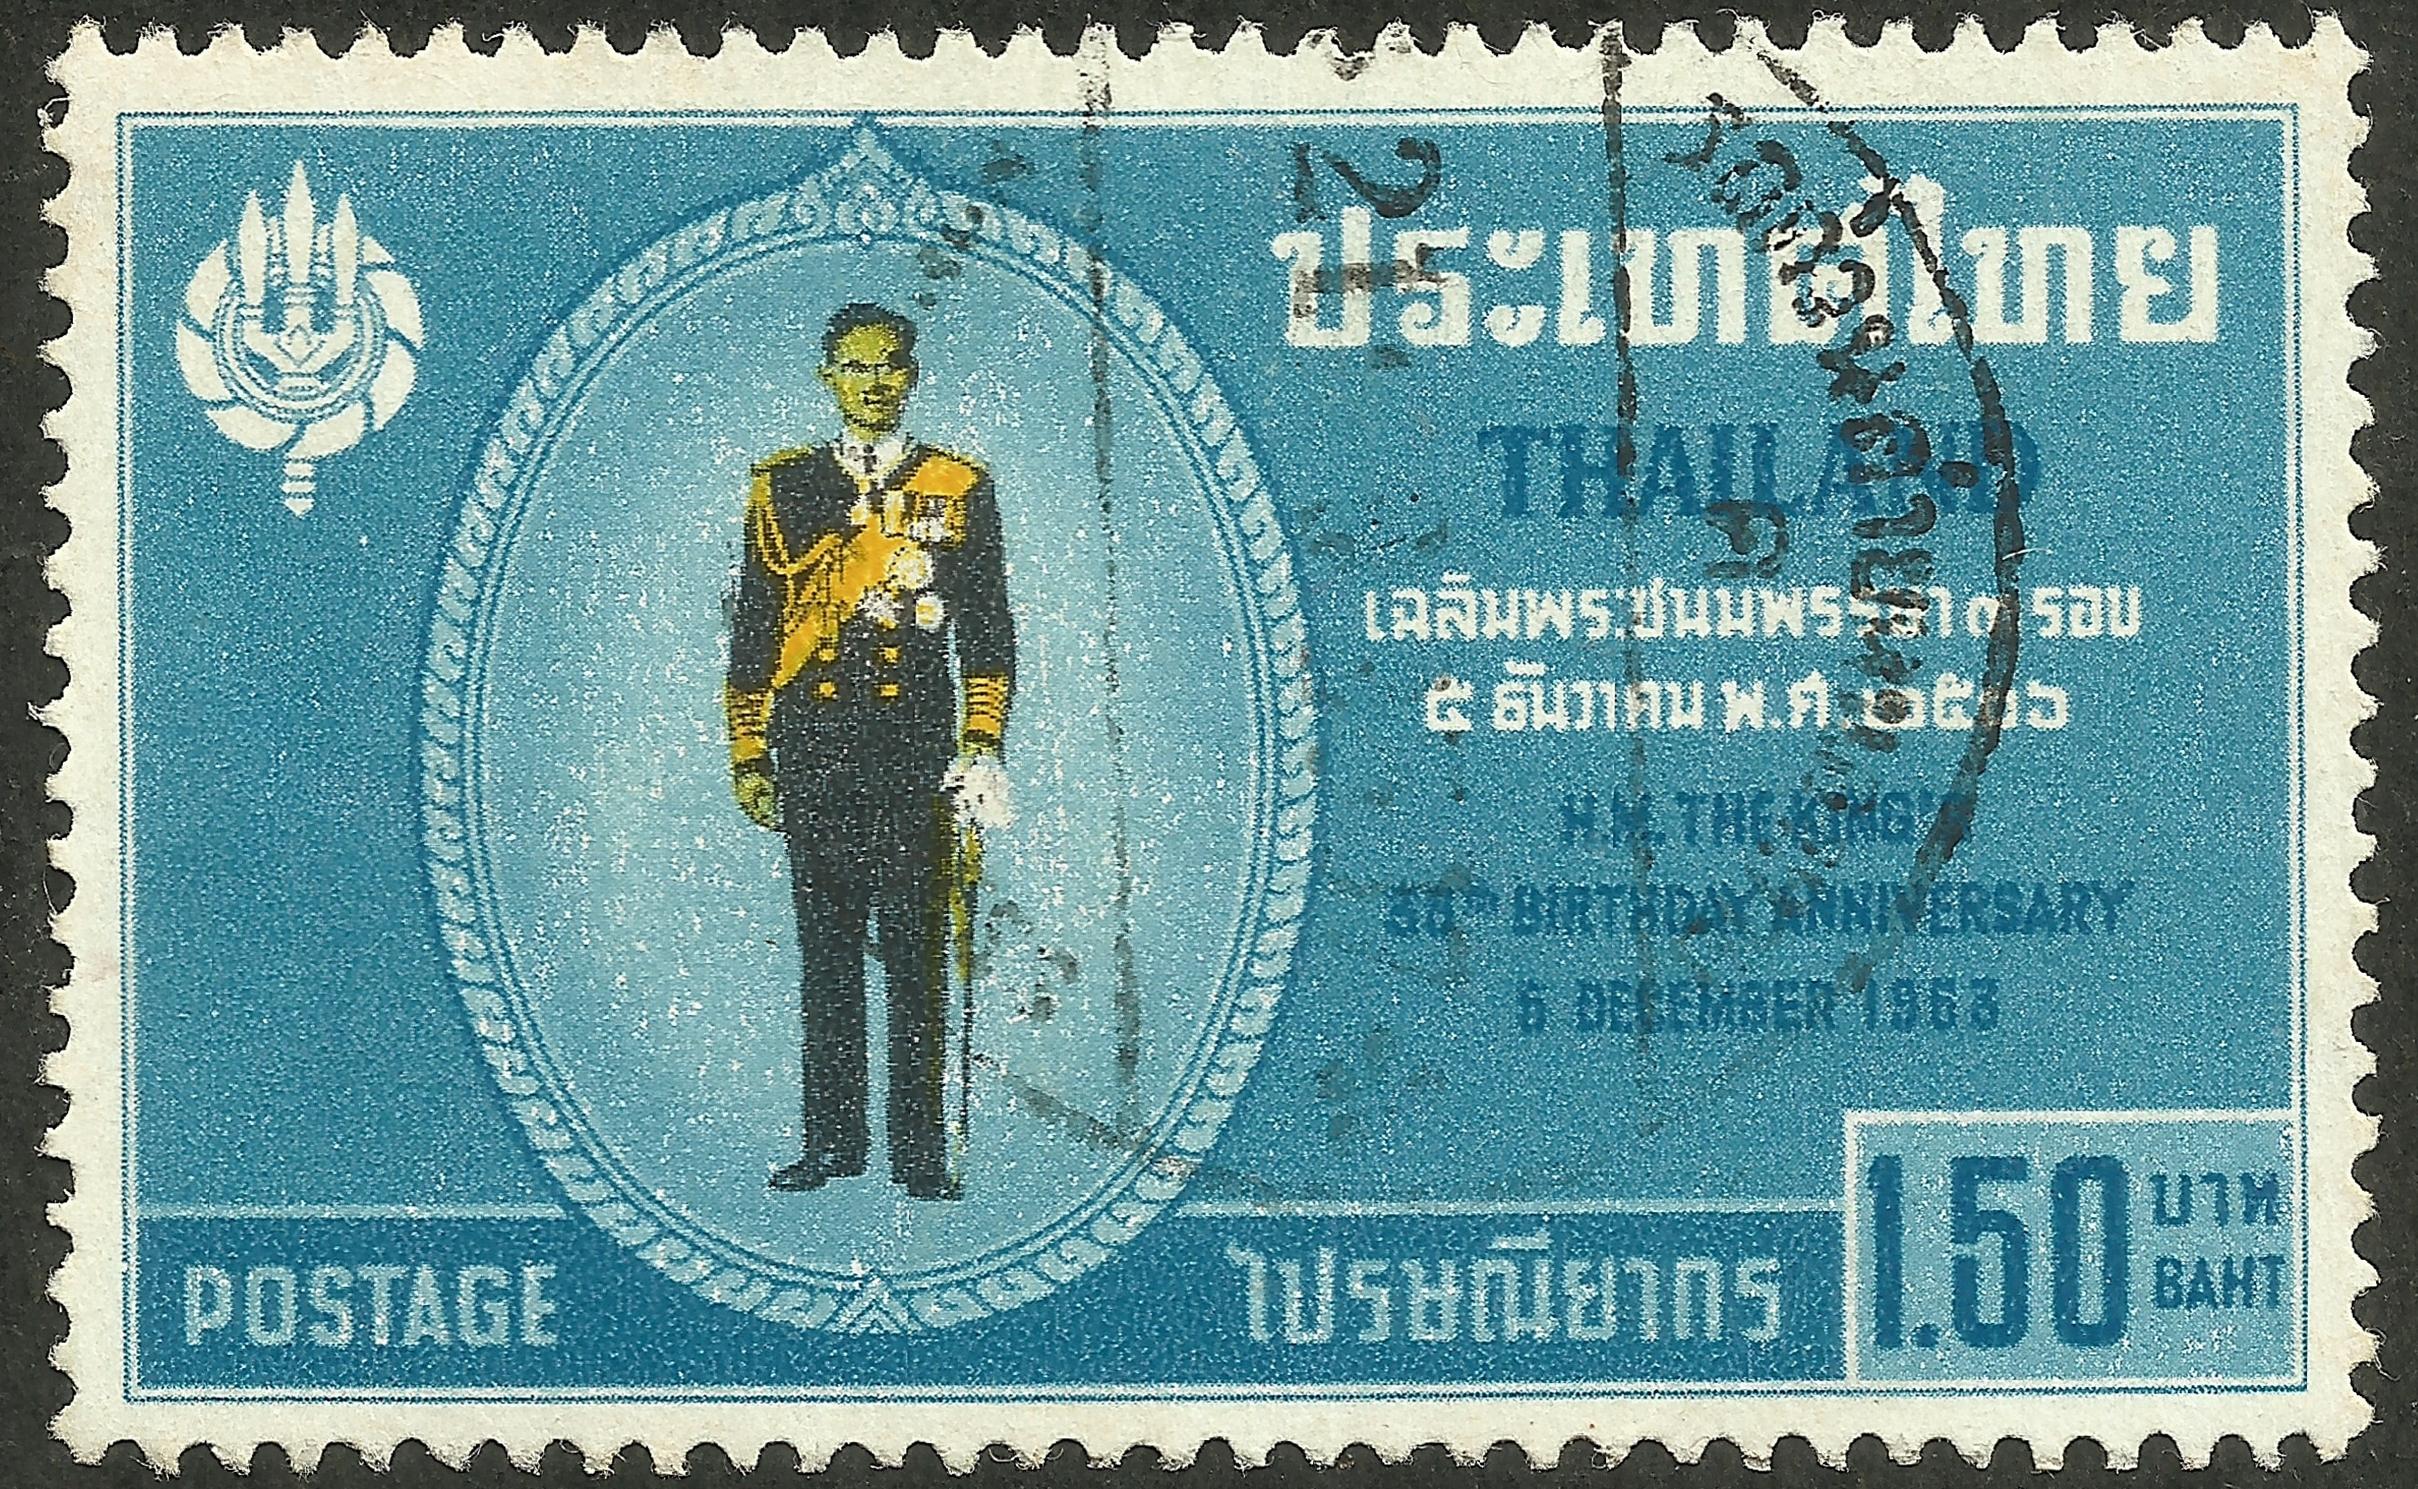 Thailand - Scott #419 (1963)